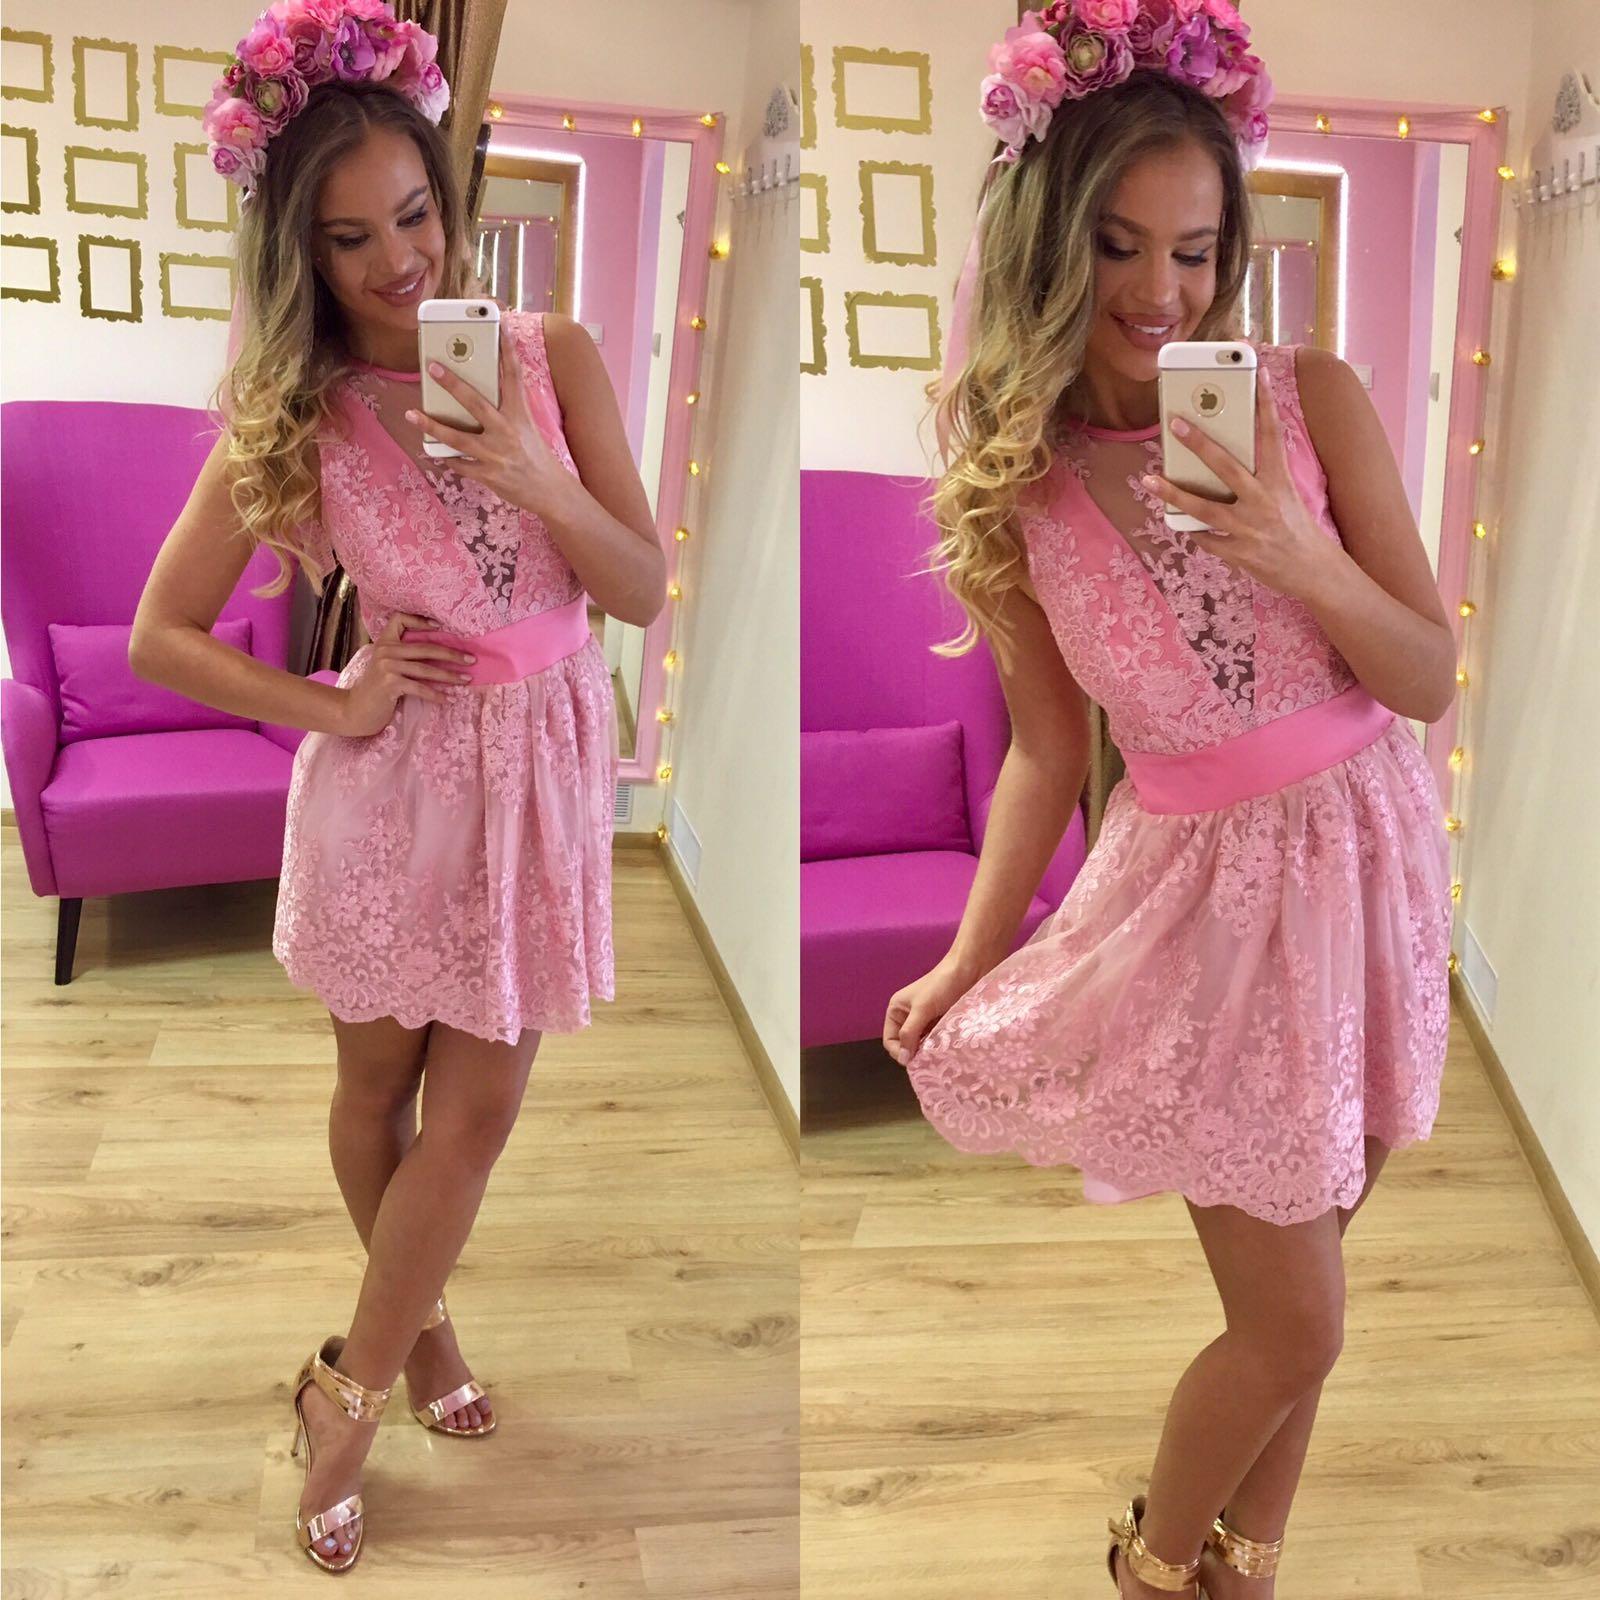 Dámske ružové čipkované šaty Foggi Jeans Pink - M odporúčame pre S